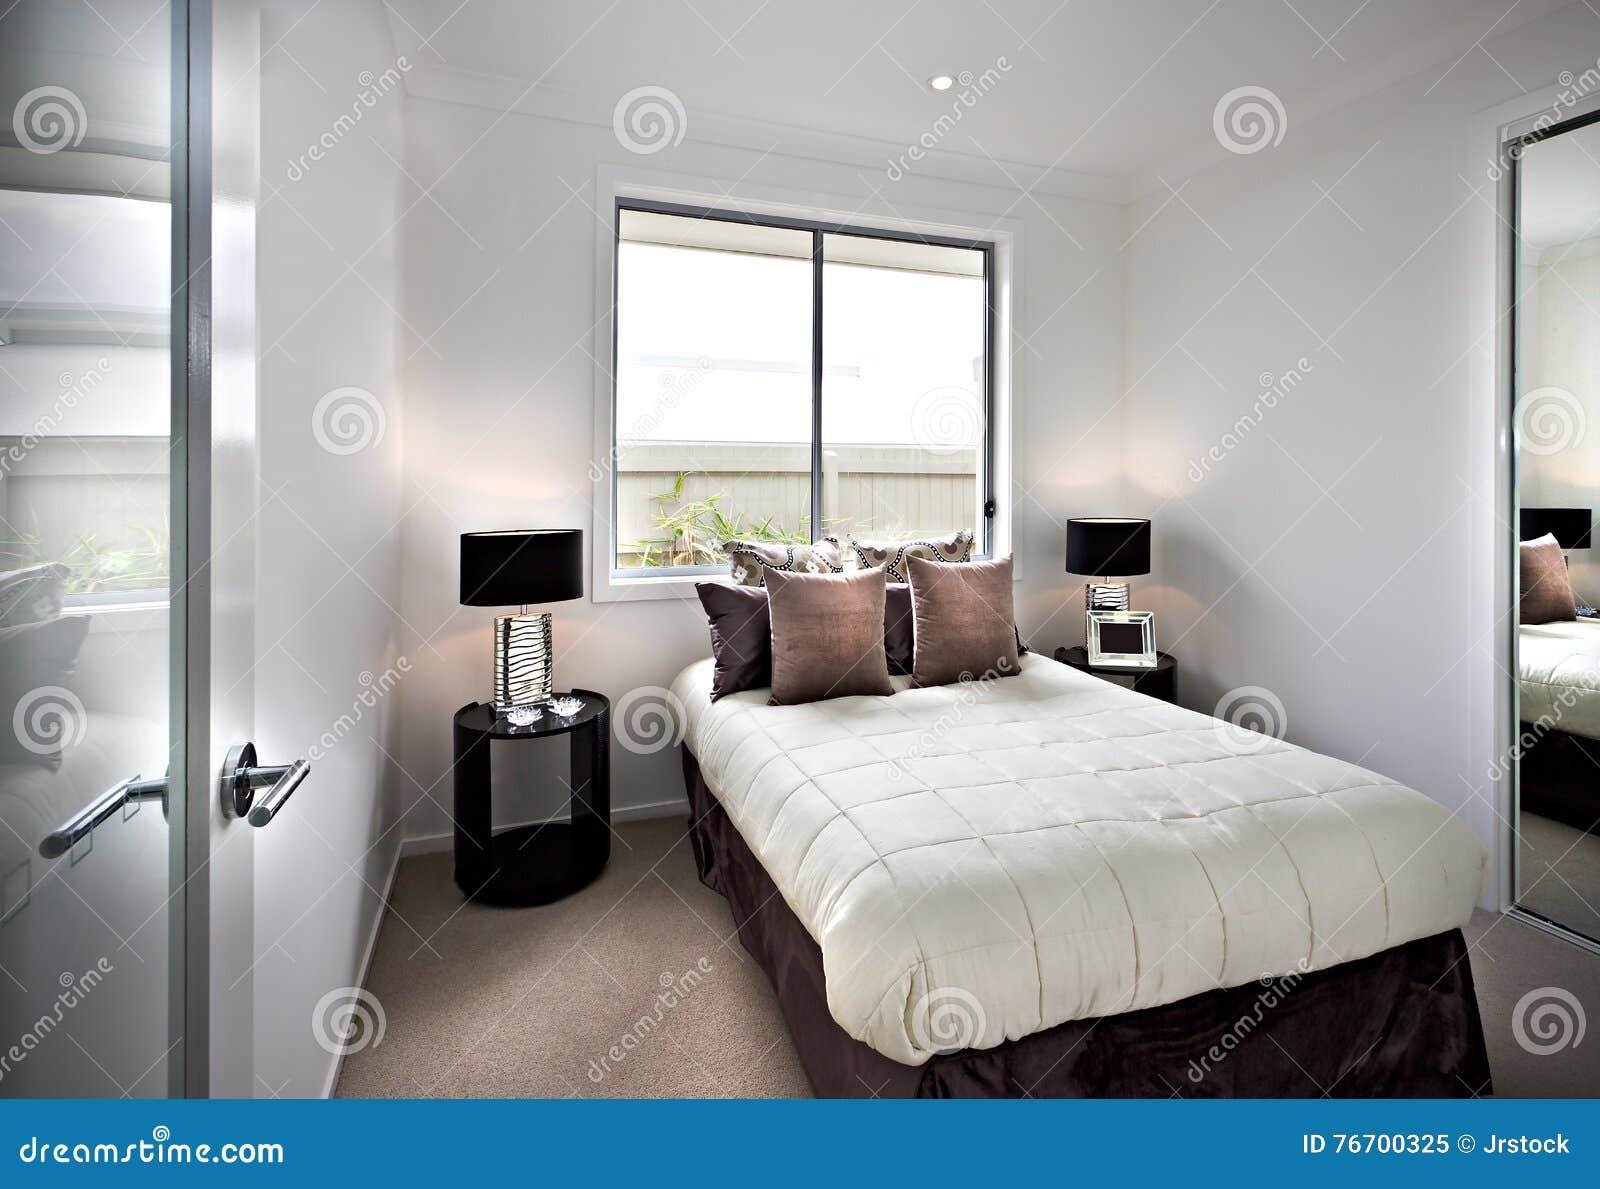 Σύγχρονη και κλασική κρεβατοκάμαρα με τα παράθυρα και τους λαμπτήρες